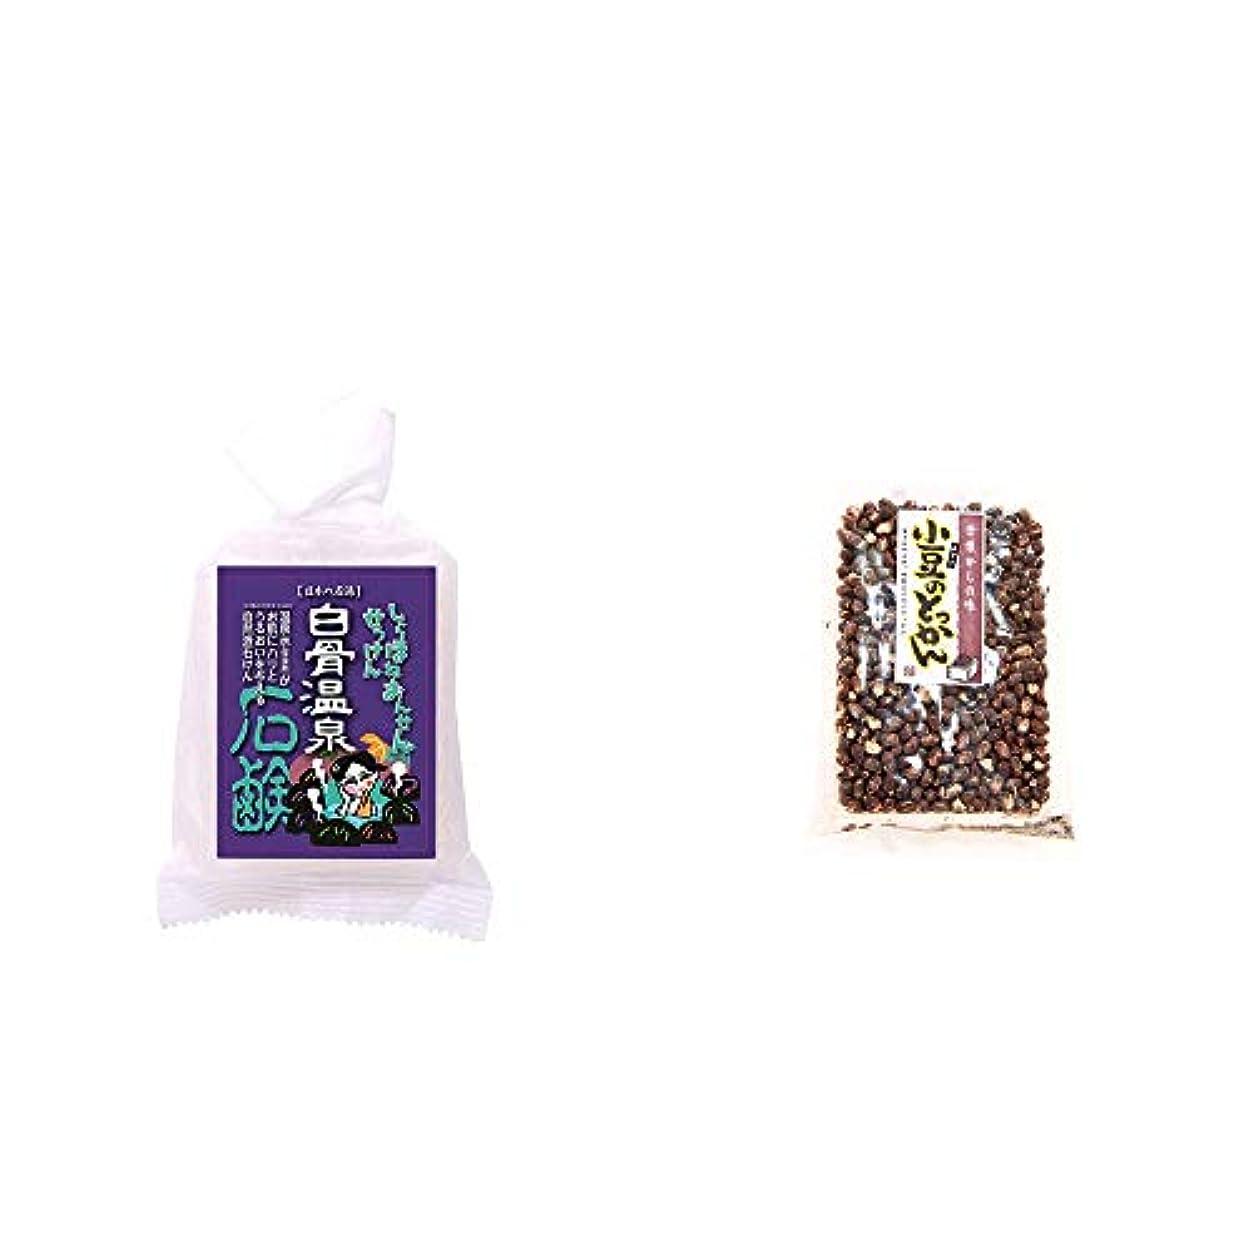 人工的な中絶節約する[2点セット] 信州 白骨温泉石鹸(80g)?小豆のとっかん(150g)